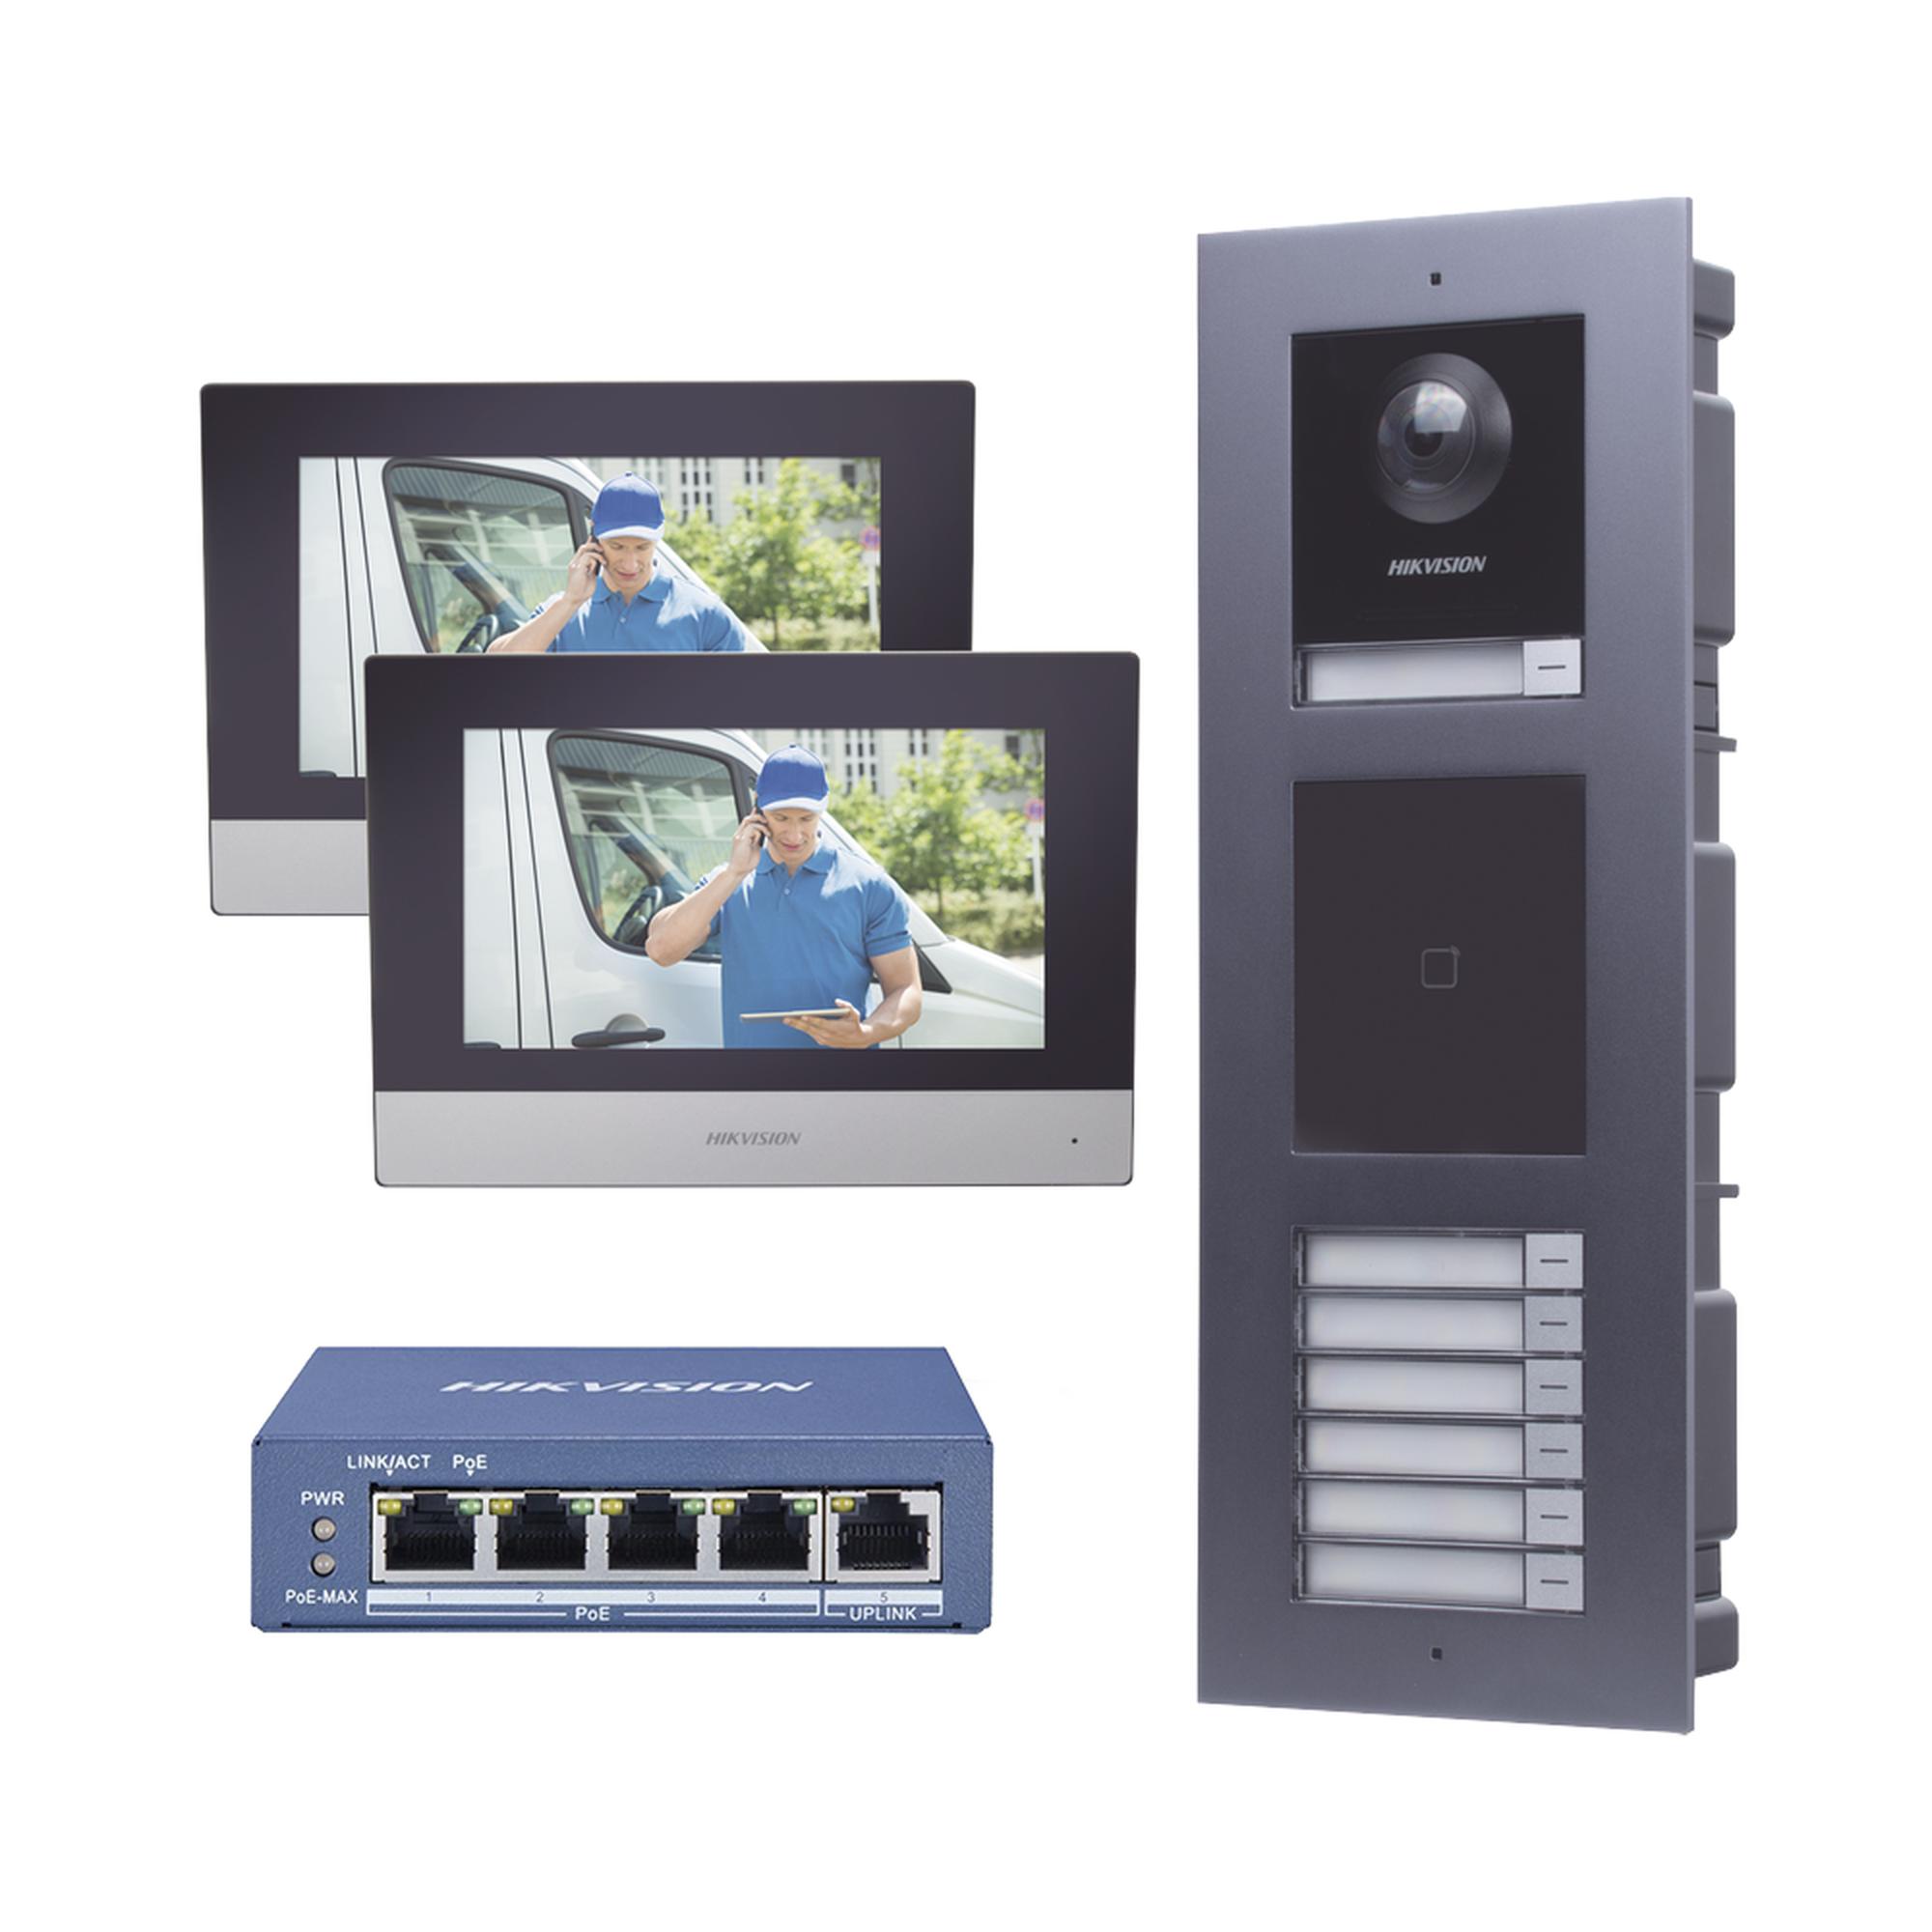 KIT de Videoportero IP para 7 DEPARTAMENTOS con llamada a App de Smartphone y Lector de Tarjetas EM / 2da Generación (Modular) / Montaje para EMPOTRAR incluido